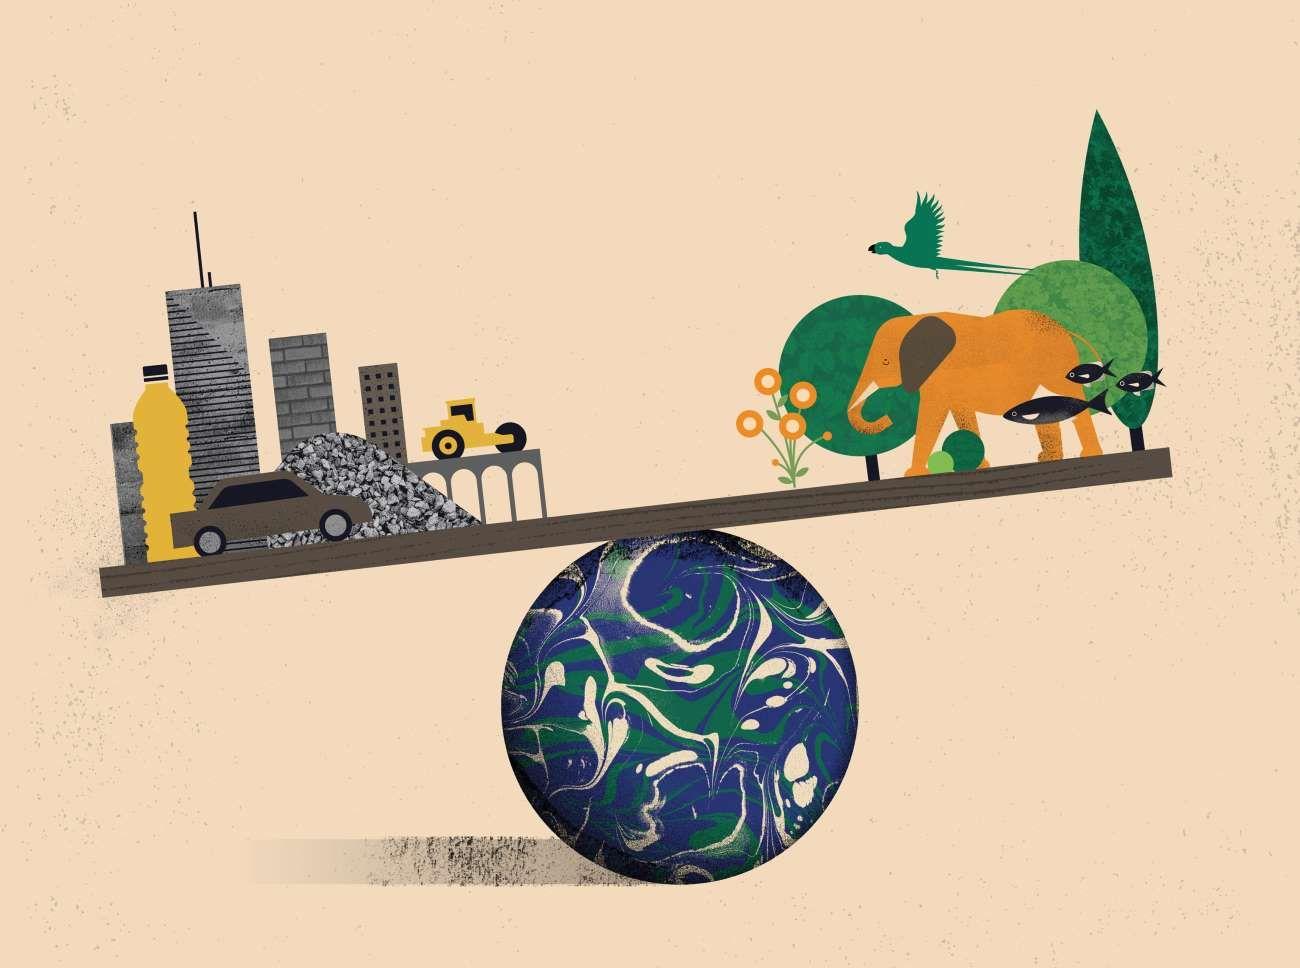 El peso de lo que producimos ya equivale a todo el de la naturaleza que nos rodea.